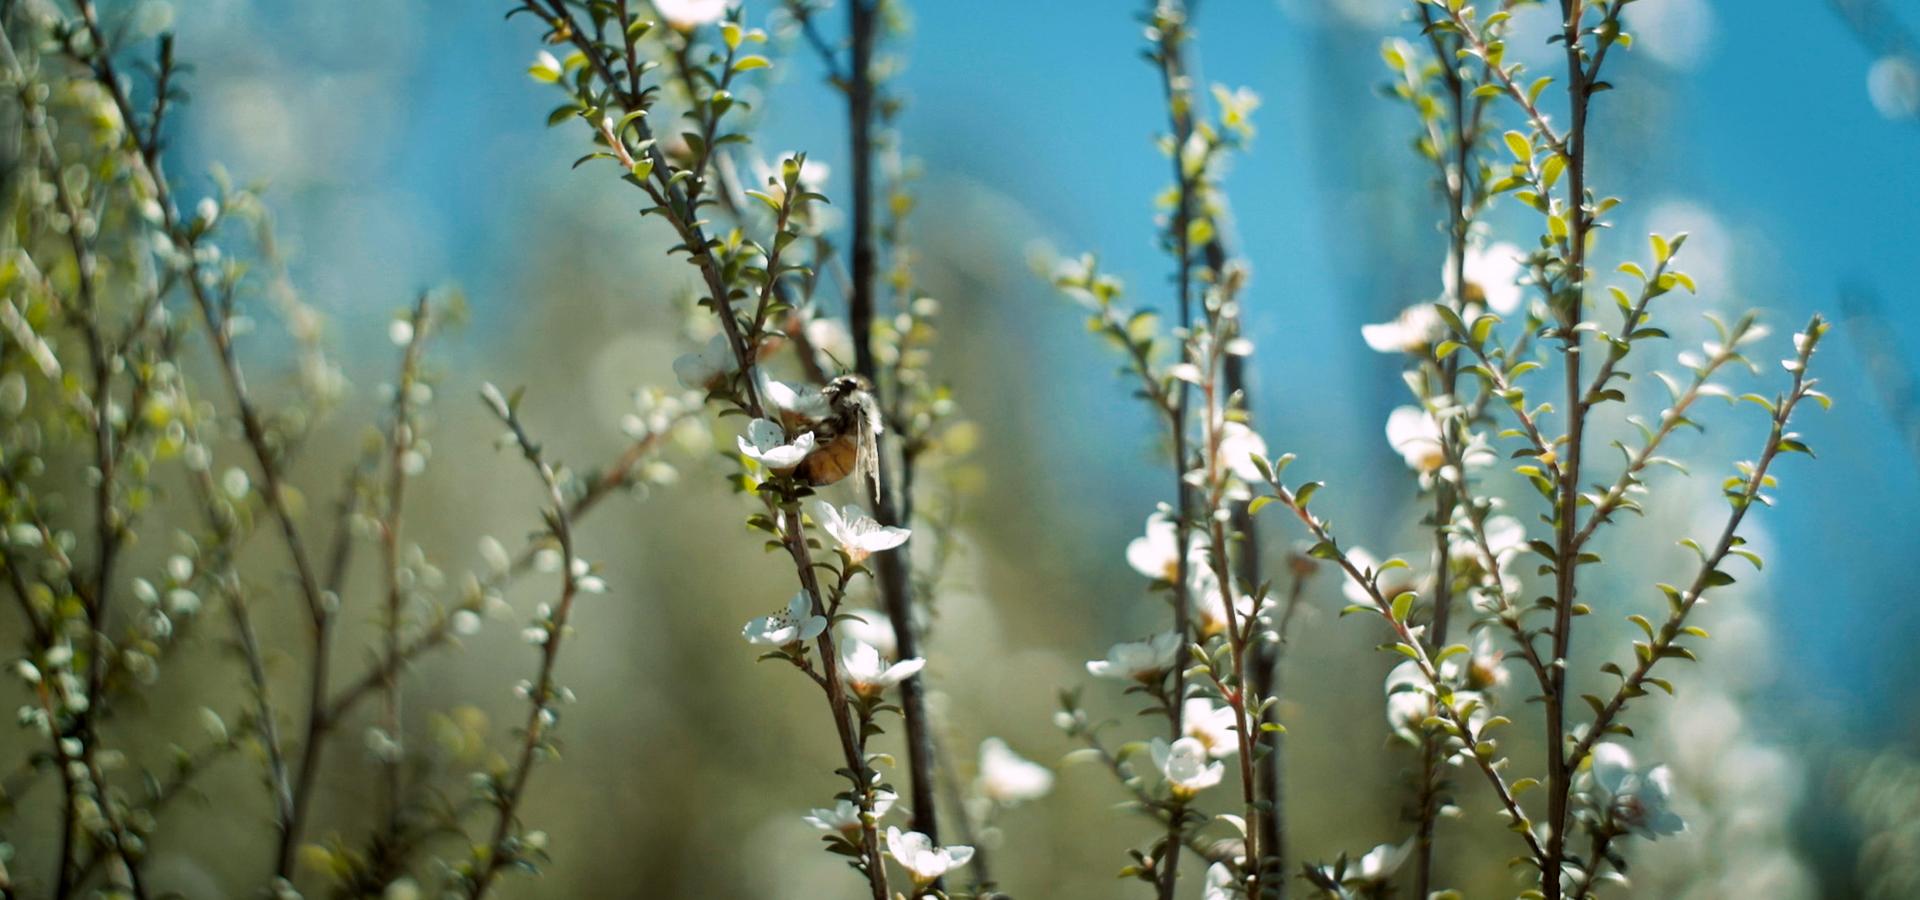 Kotahi honey bee on mānuka flower